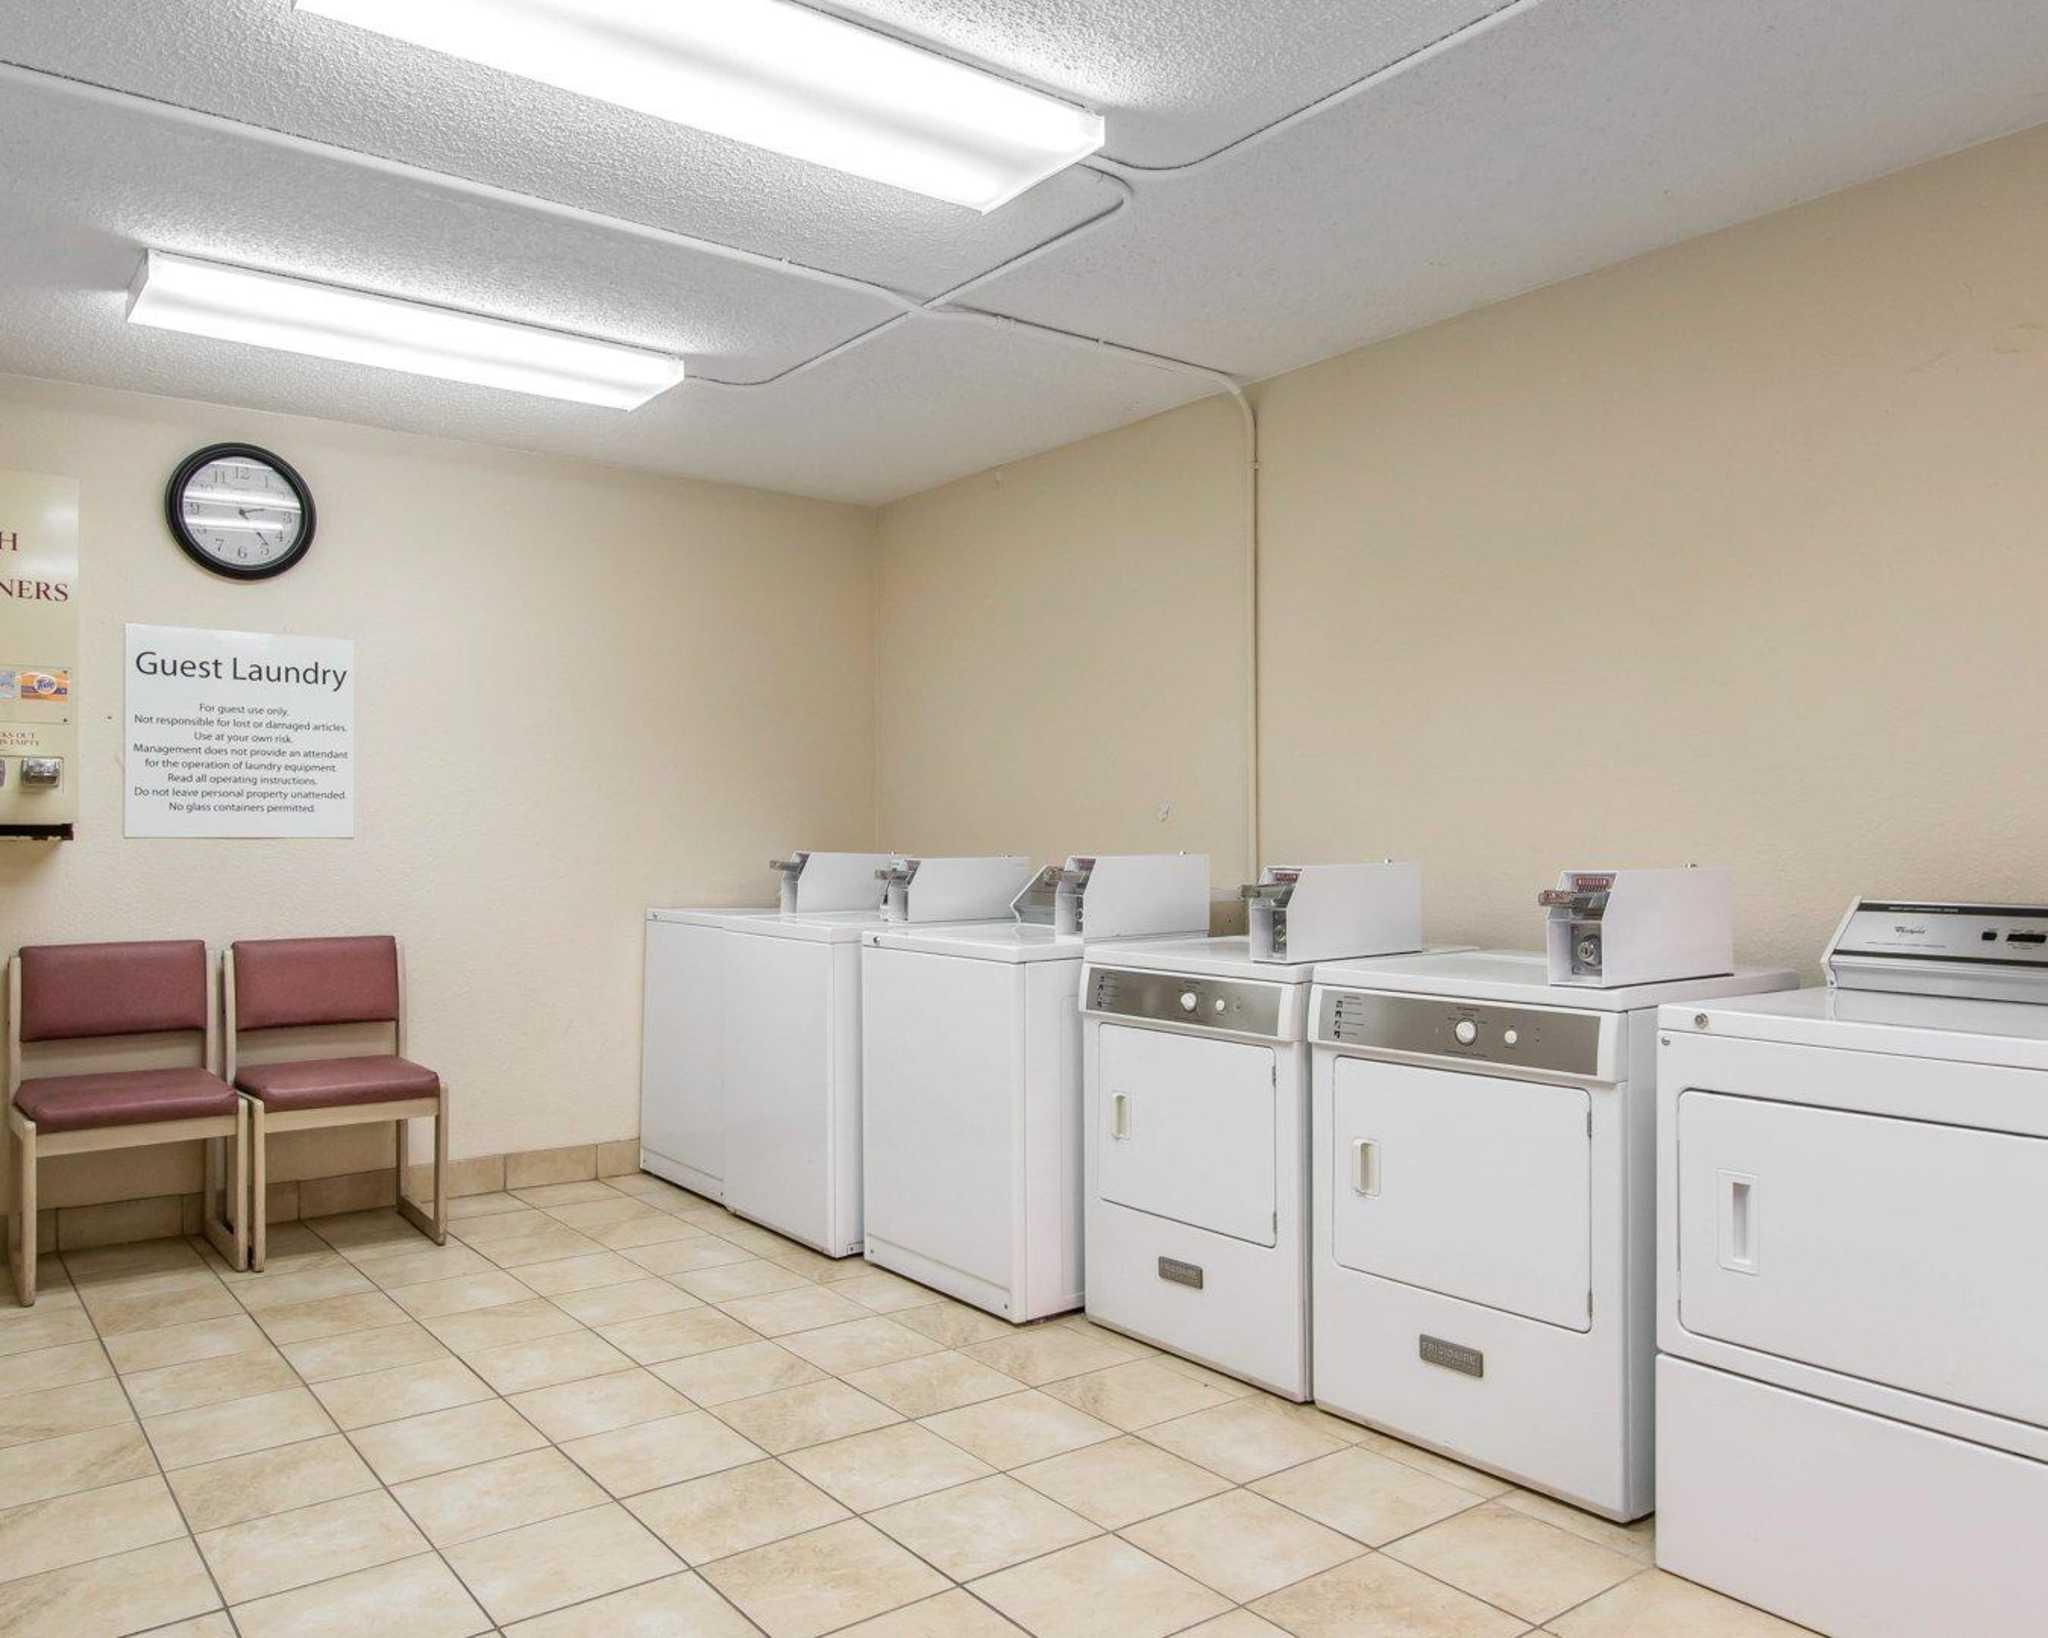 Quality Inn & Suites Fairgrounds West image 34